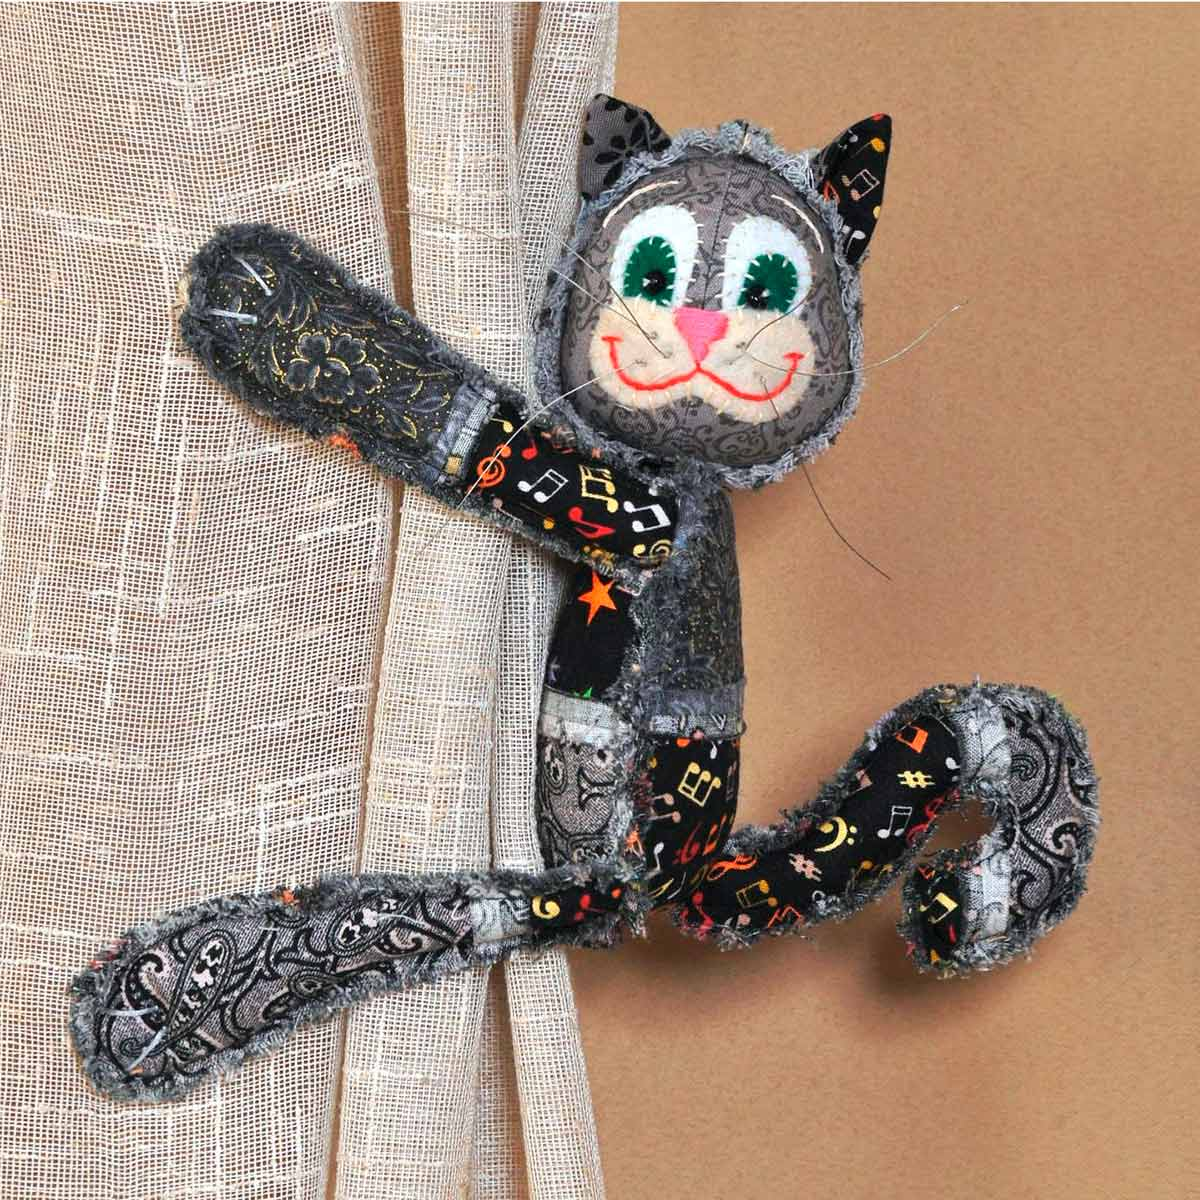 ПМ803 Набор для изготовления текстильной игрушки 'Чучело-Мяучило', 29 см, 'Перловка'